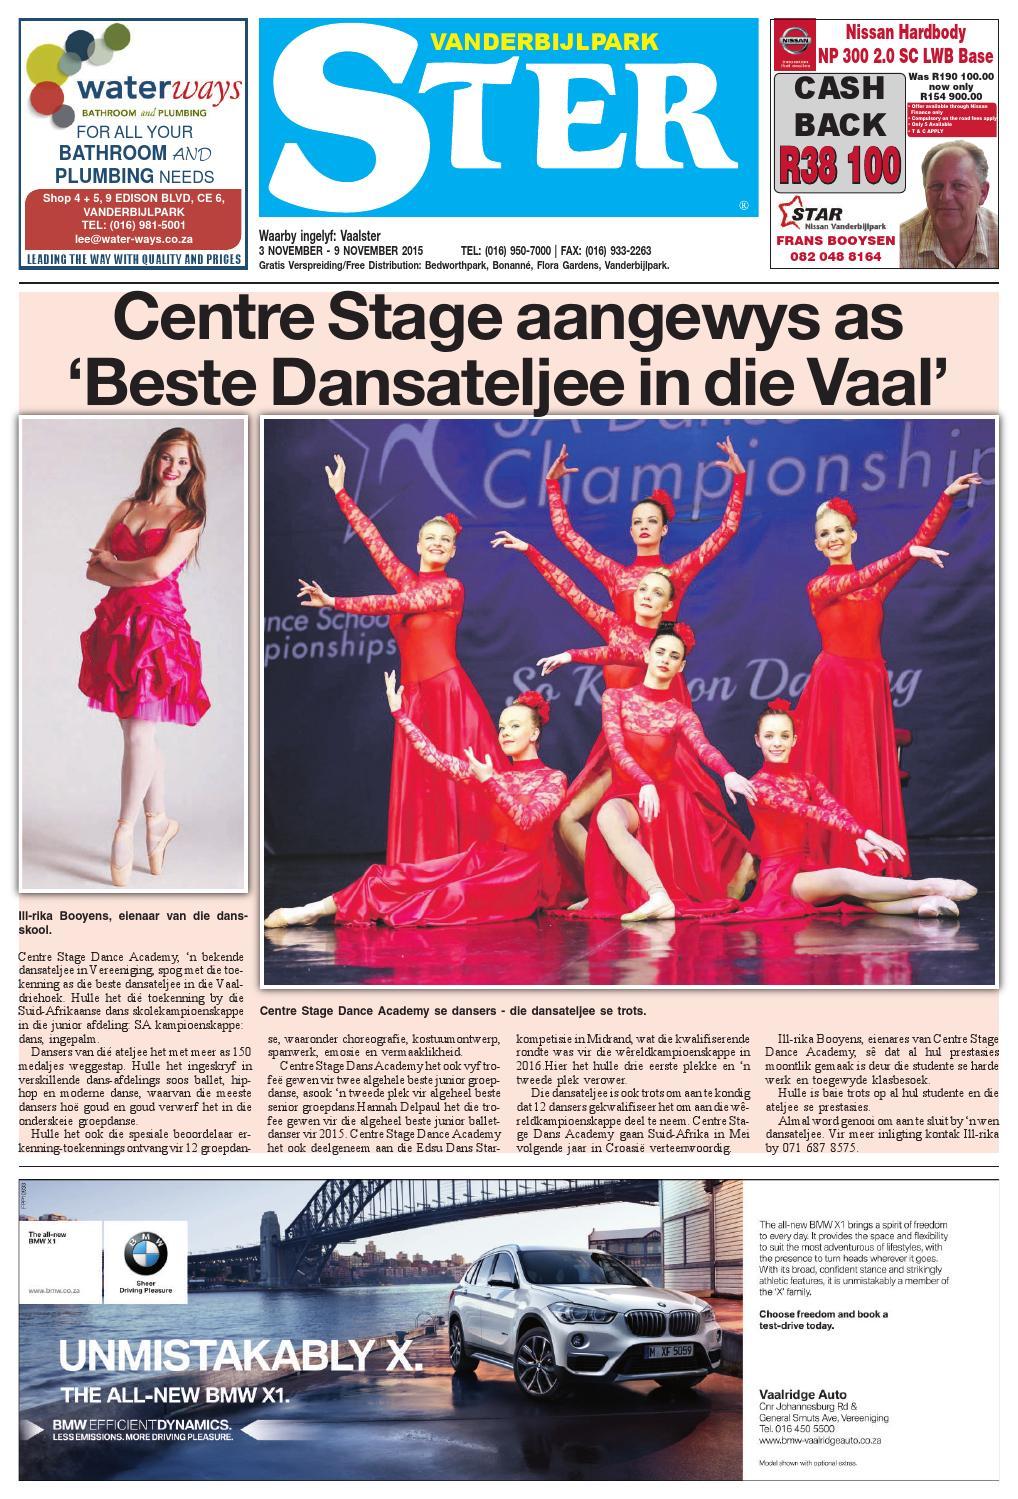 Vanderbijlpark Ster by Vaalweekblad - issuu